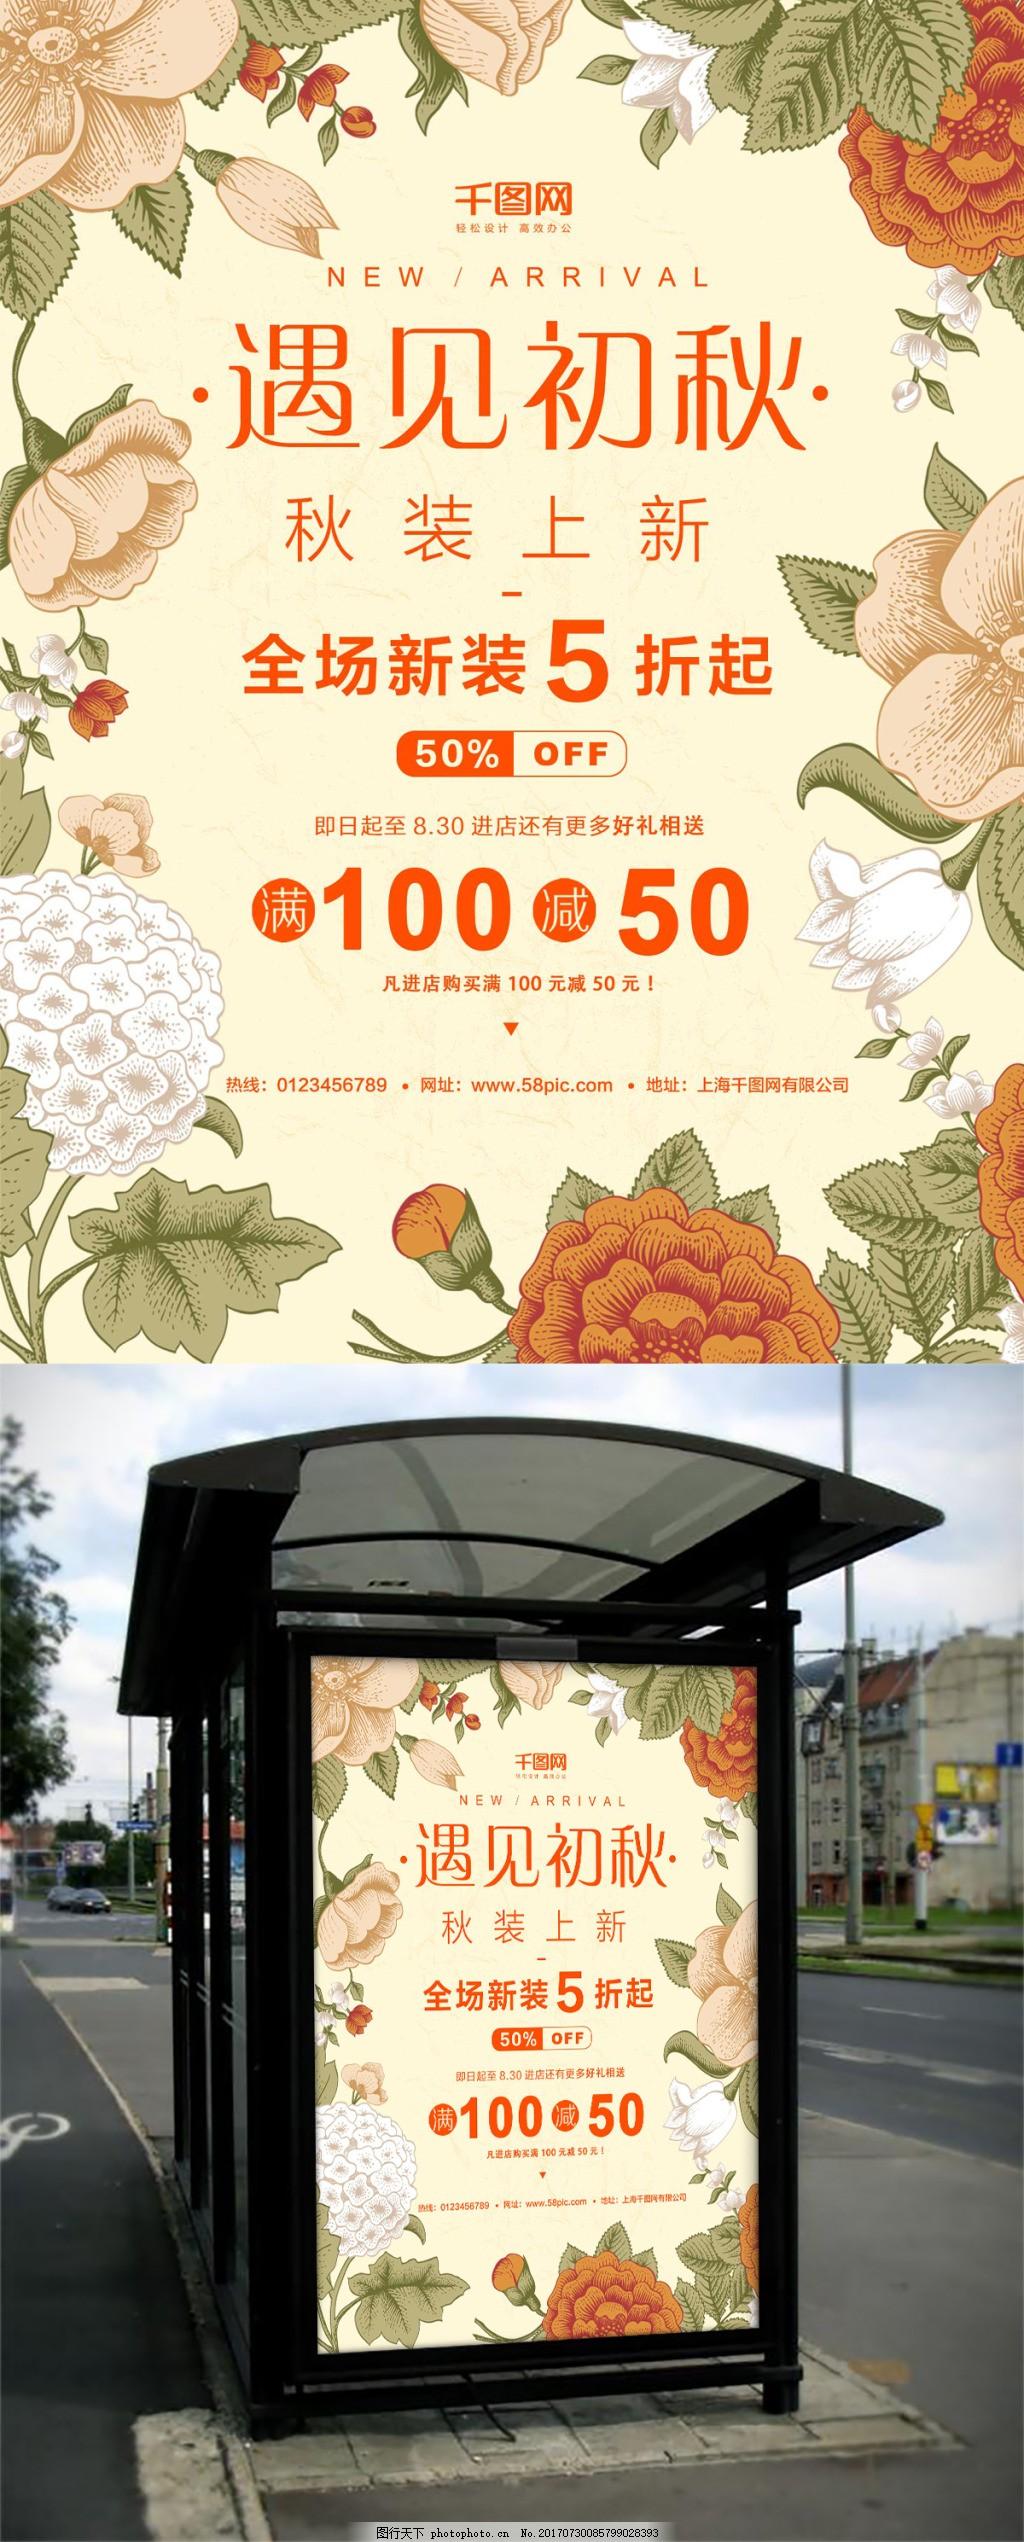 花朵秋季上新促销创意简约商业海报设计 秋天海报 秋季新款 秋季新品